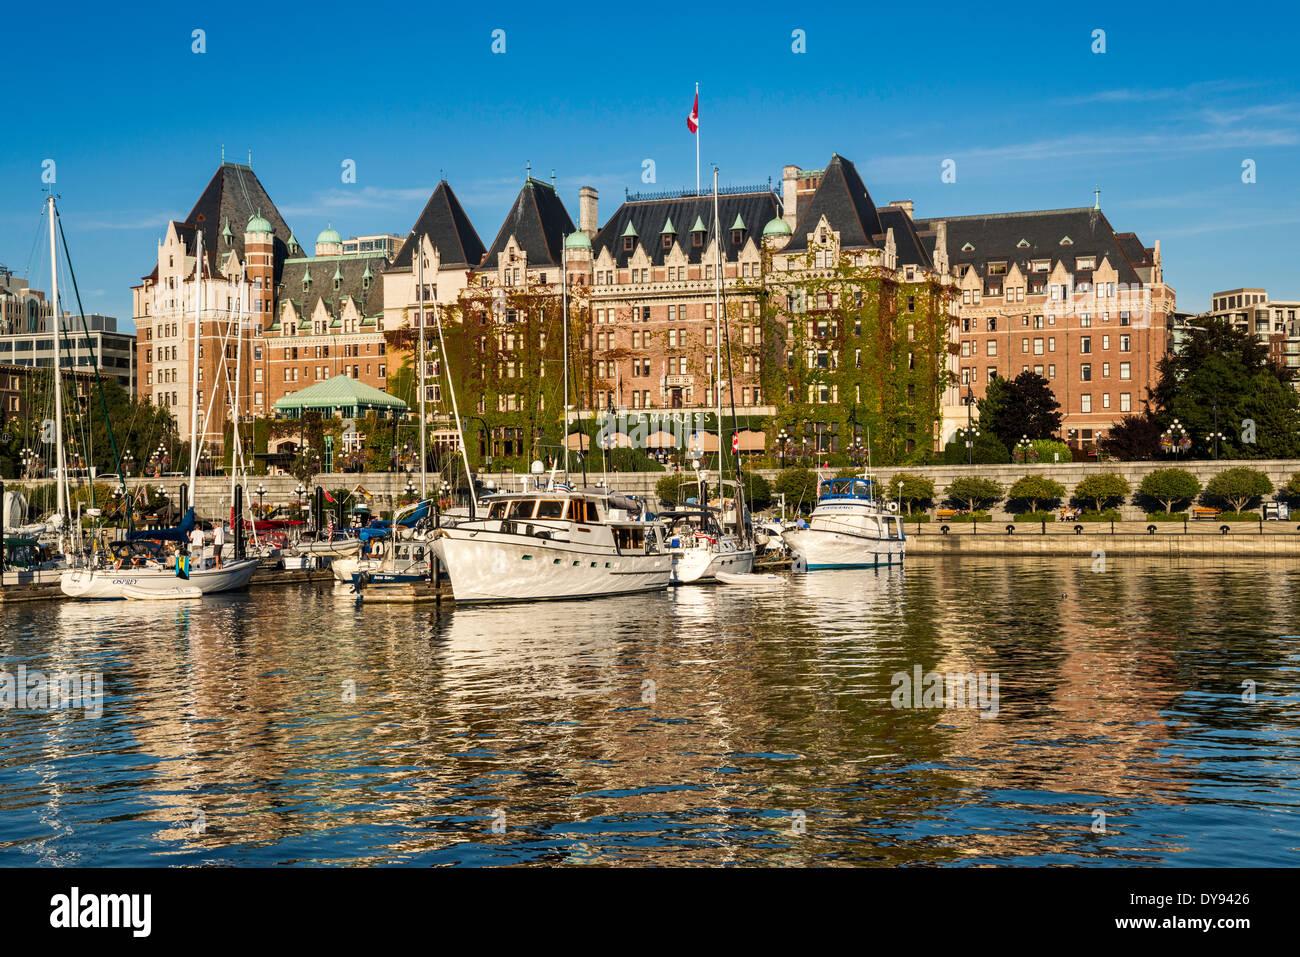 Fairmont Empress Hotel, marina de la bahía de James en el interior del puerto de Victoria, Victoria, la isla de Vancouver, British Columbia, Canadá Imagen De Stock